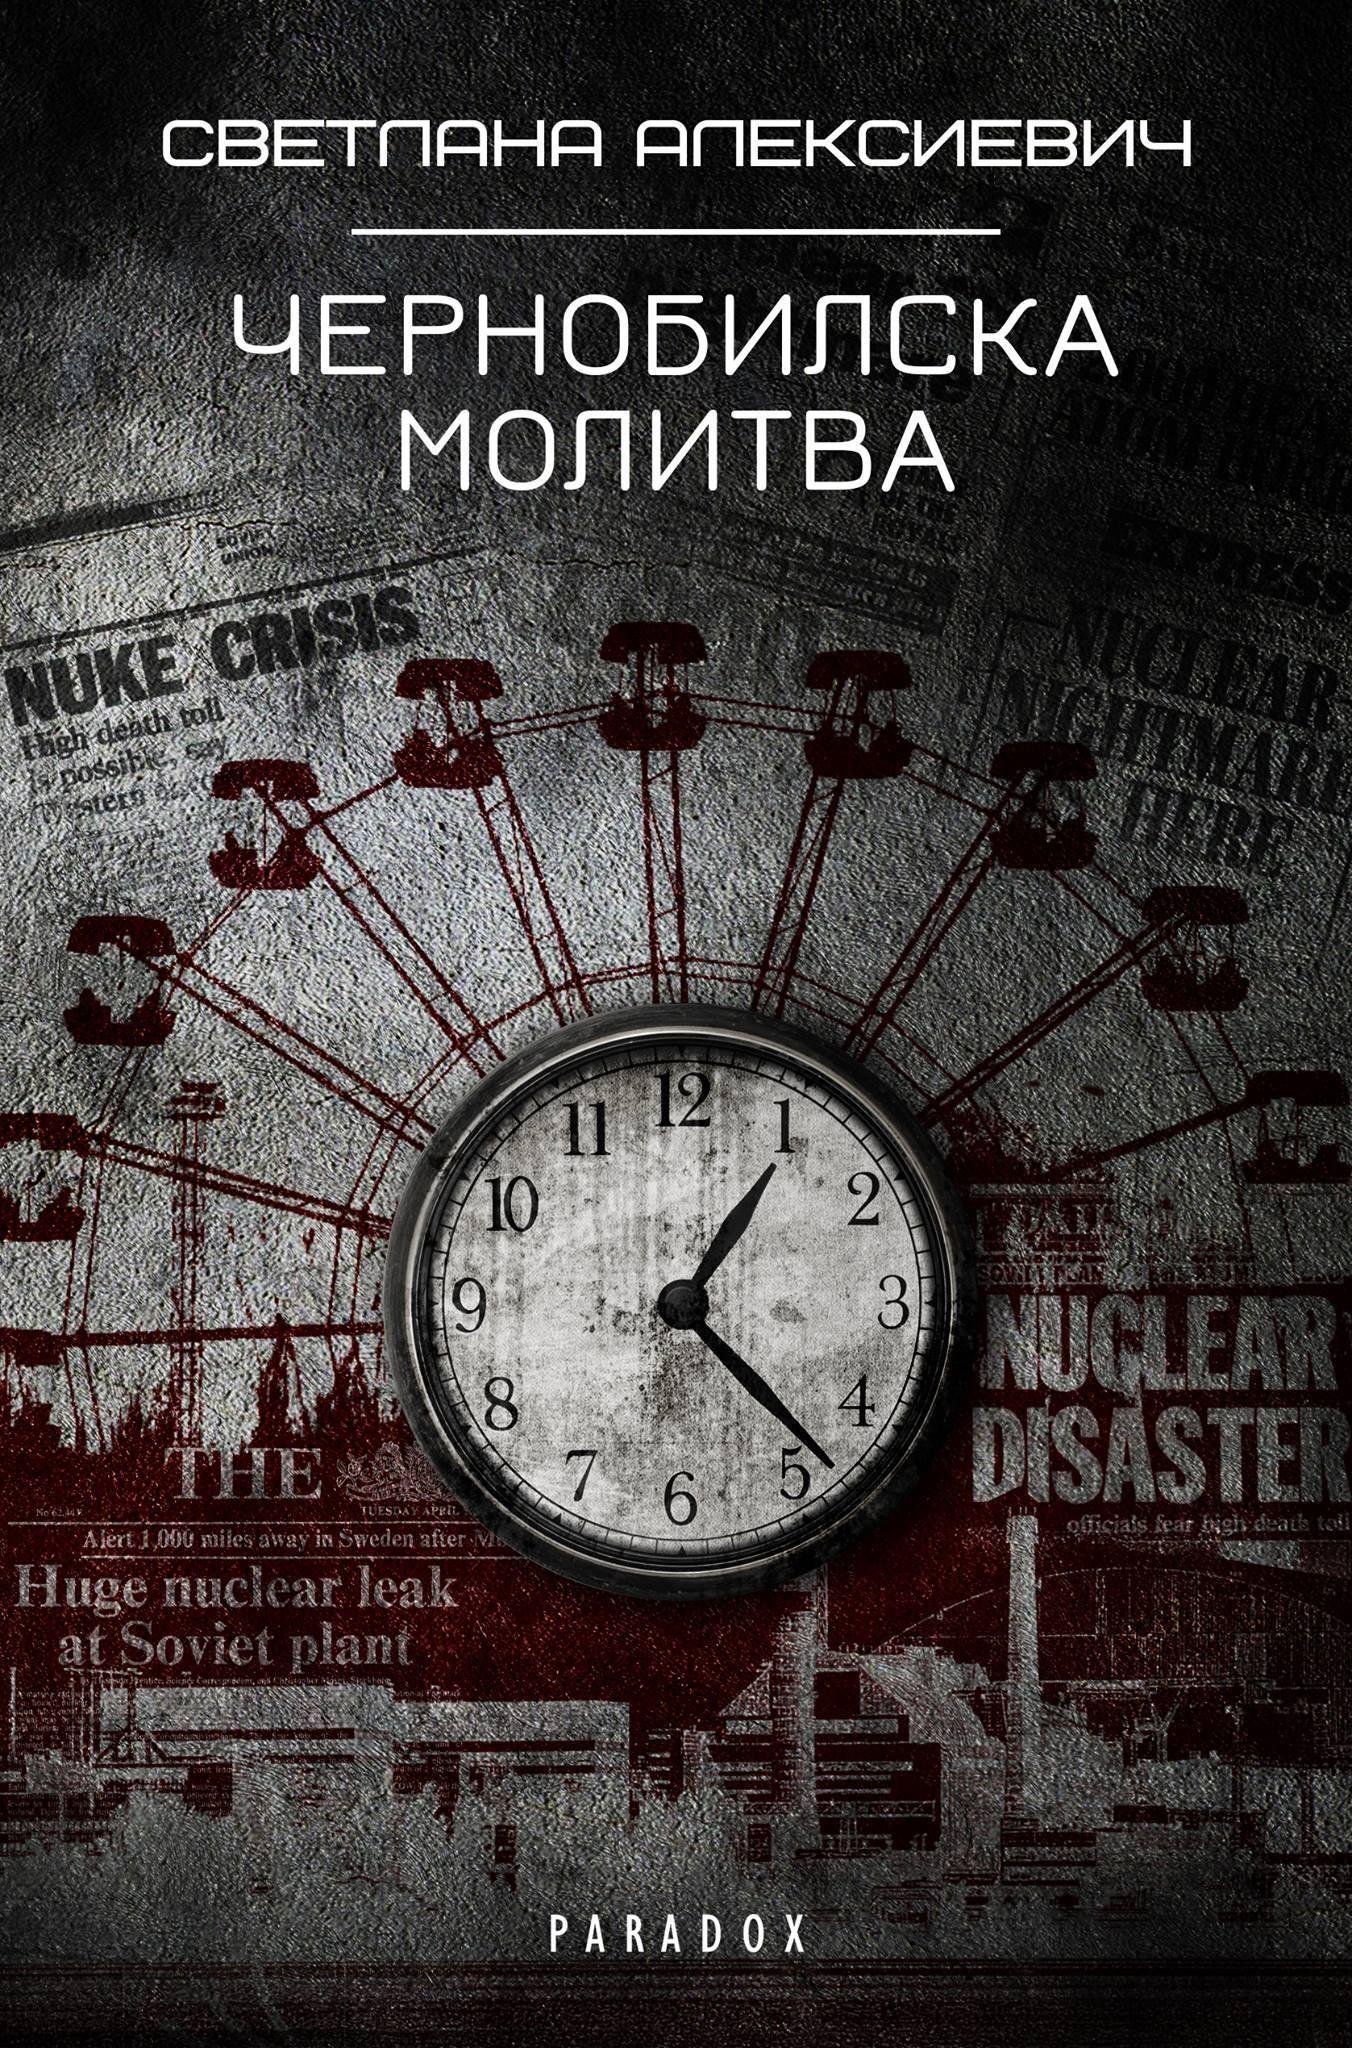 """Център за книгата към НБУ: видео ревю за """"Чернобилска молитва"""" от Светлана Алексиевич"""